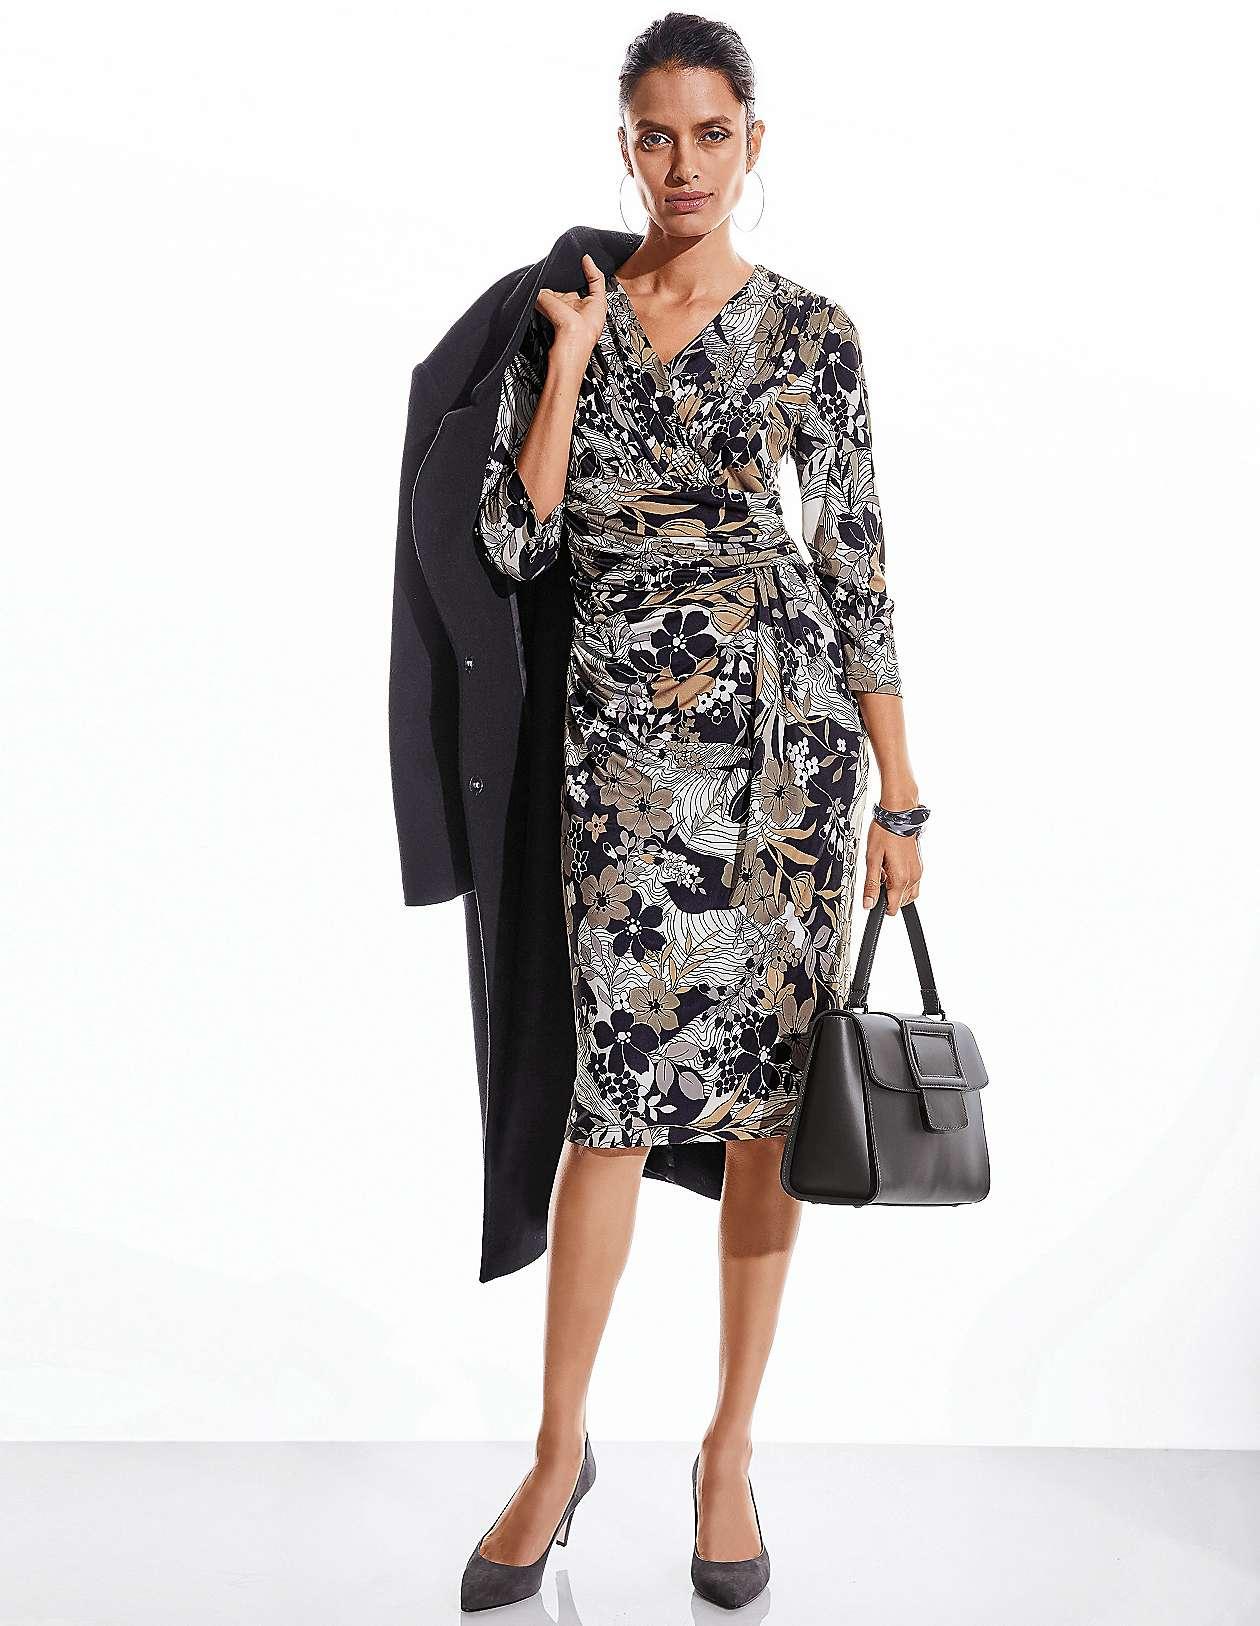 10959014ca86bf Elegante Kleider für stilvolle Auftritte bestellen | MADELEINE Mode